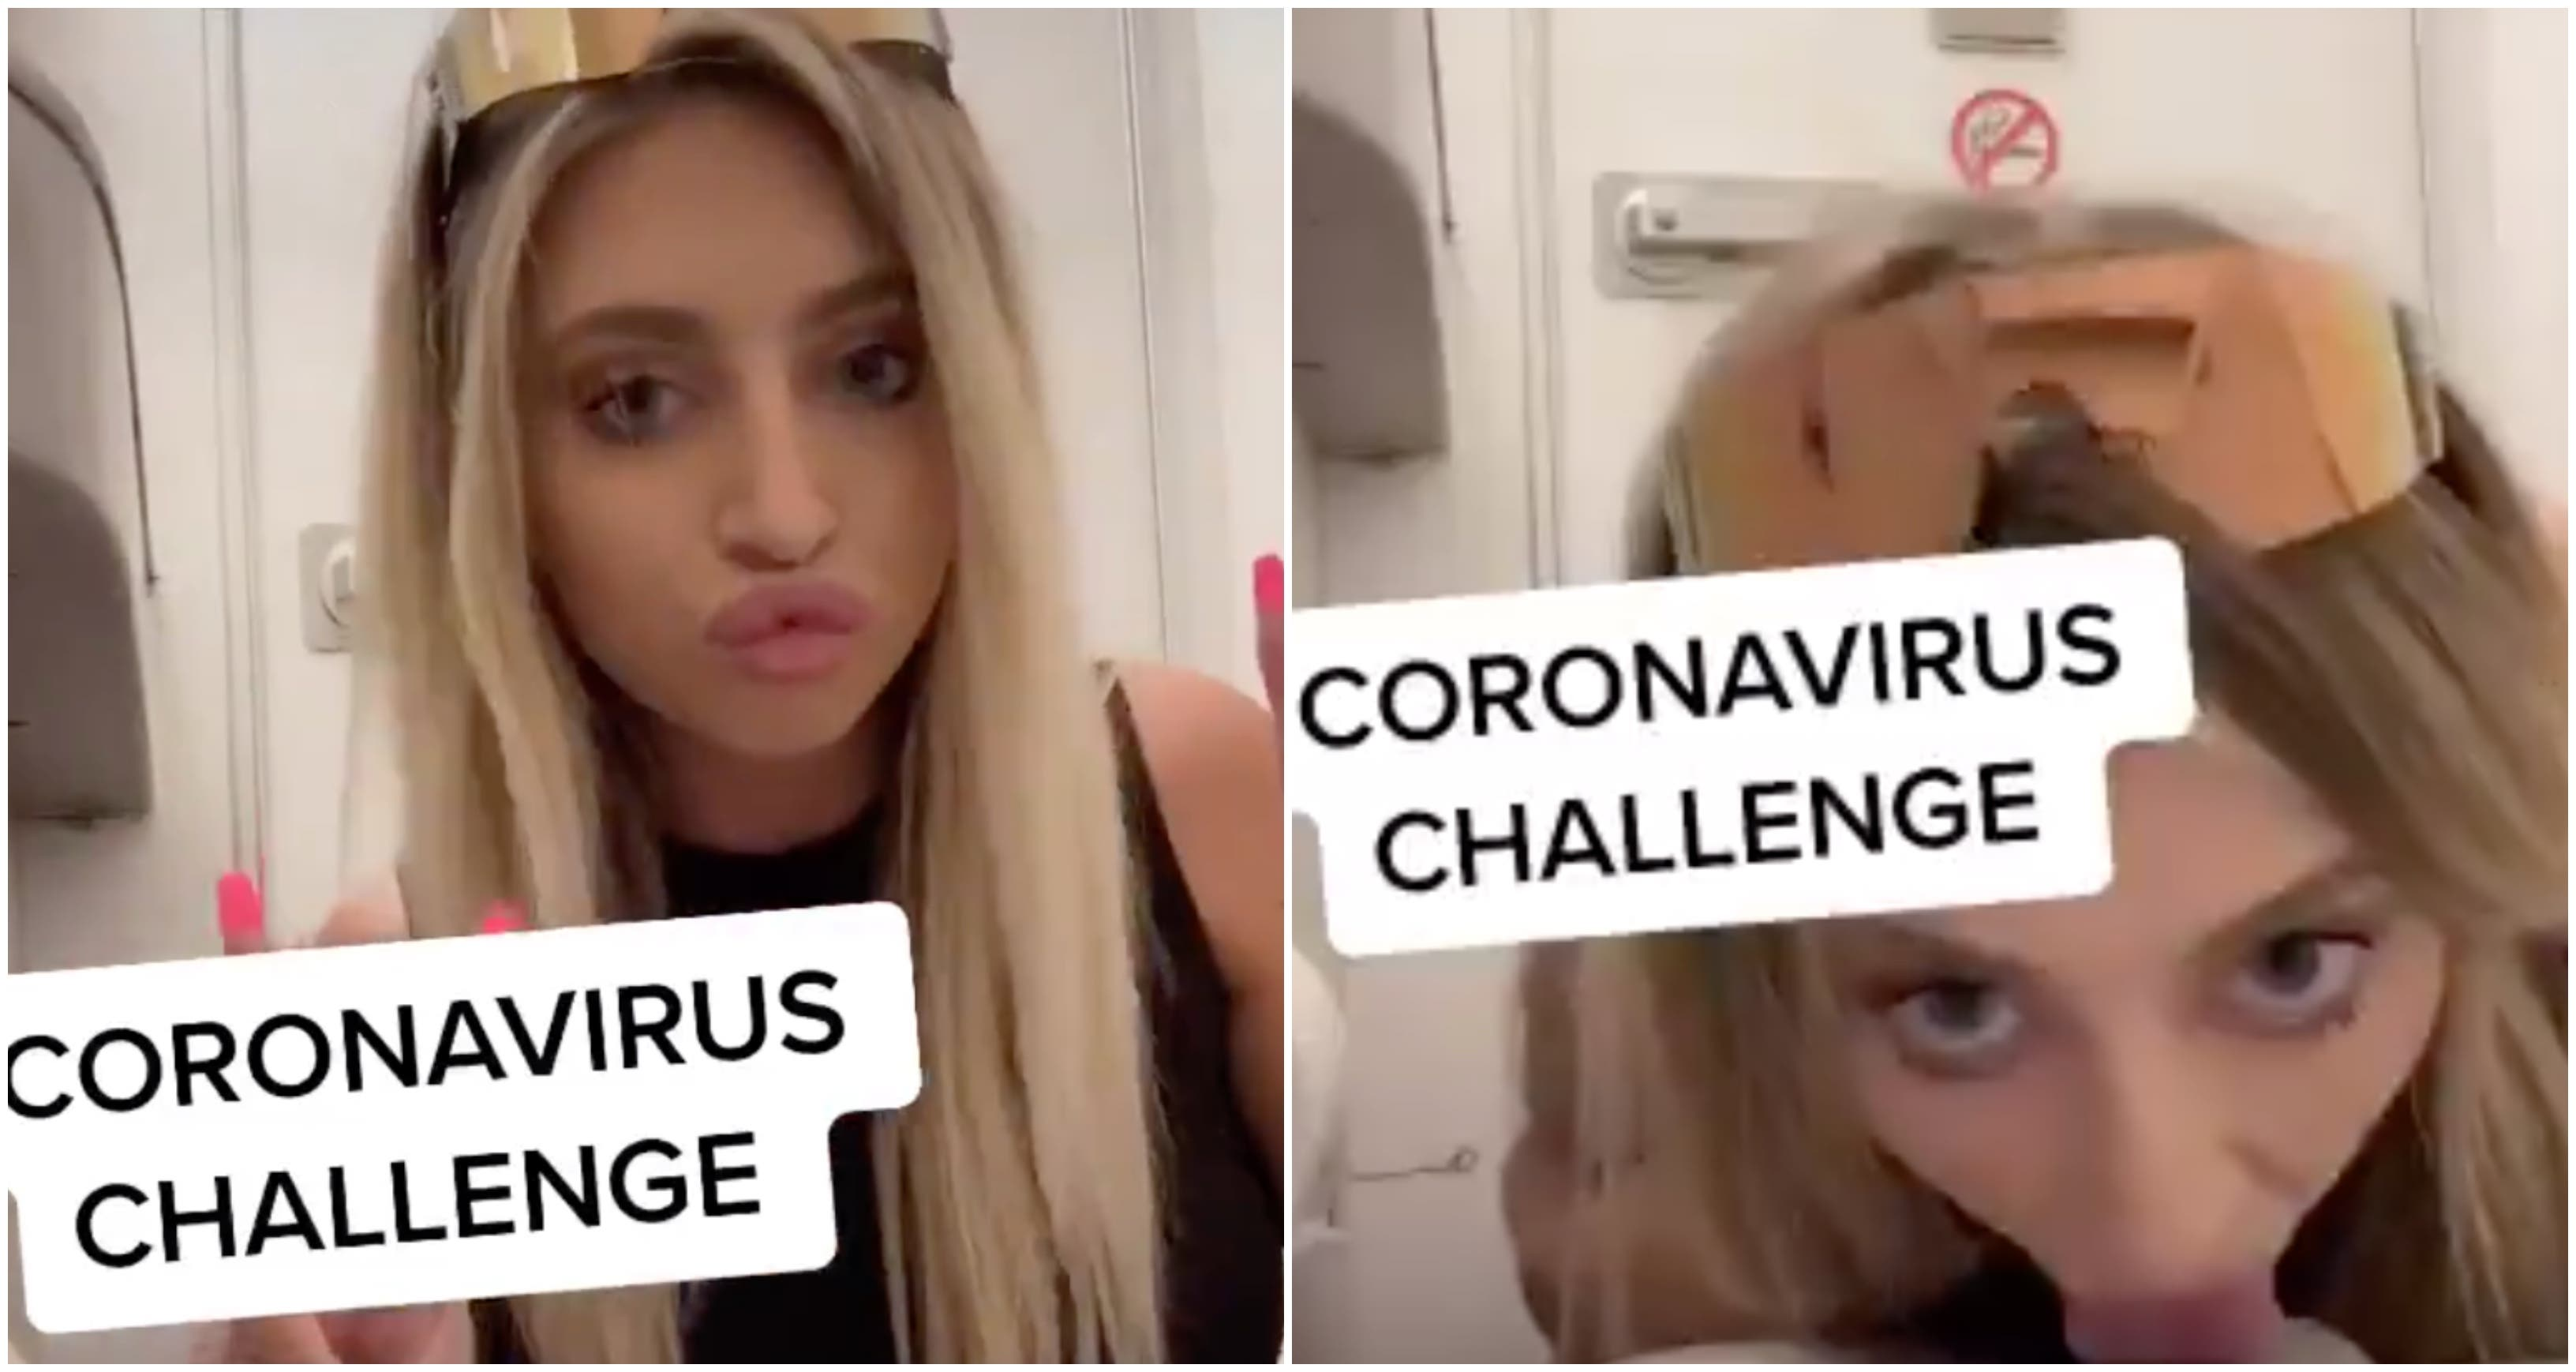 Una insensata influencer lame el inodoro de un avión y anima a hacer al 'Coronavirus Challenge'